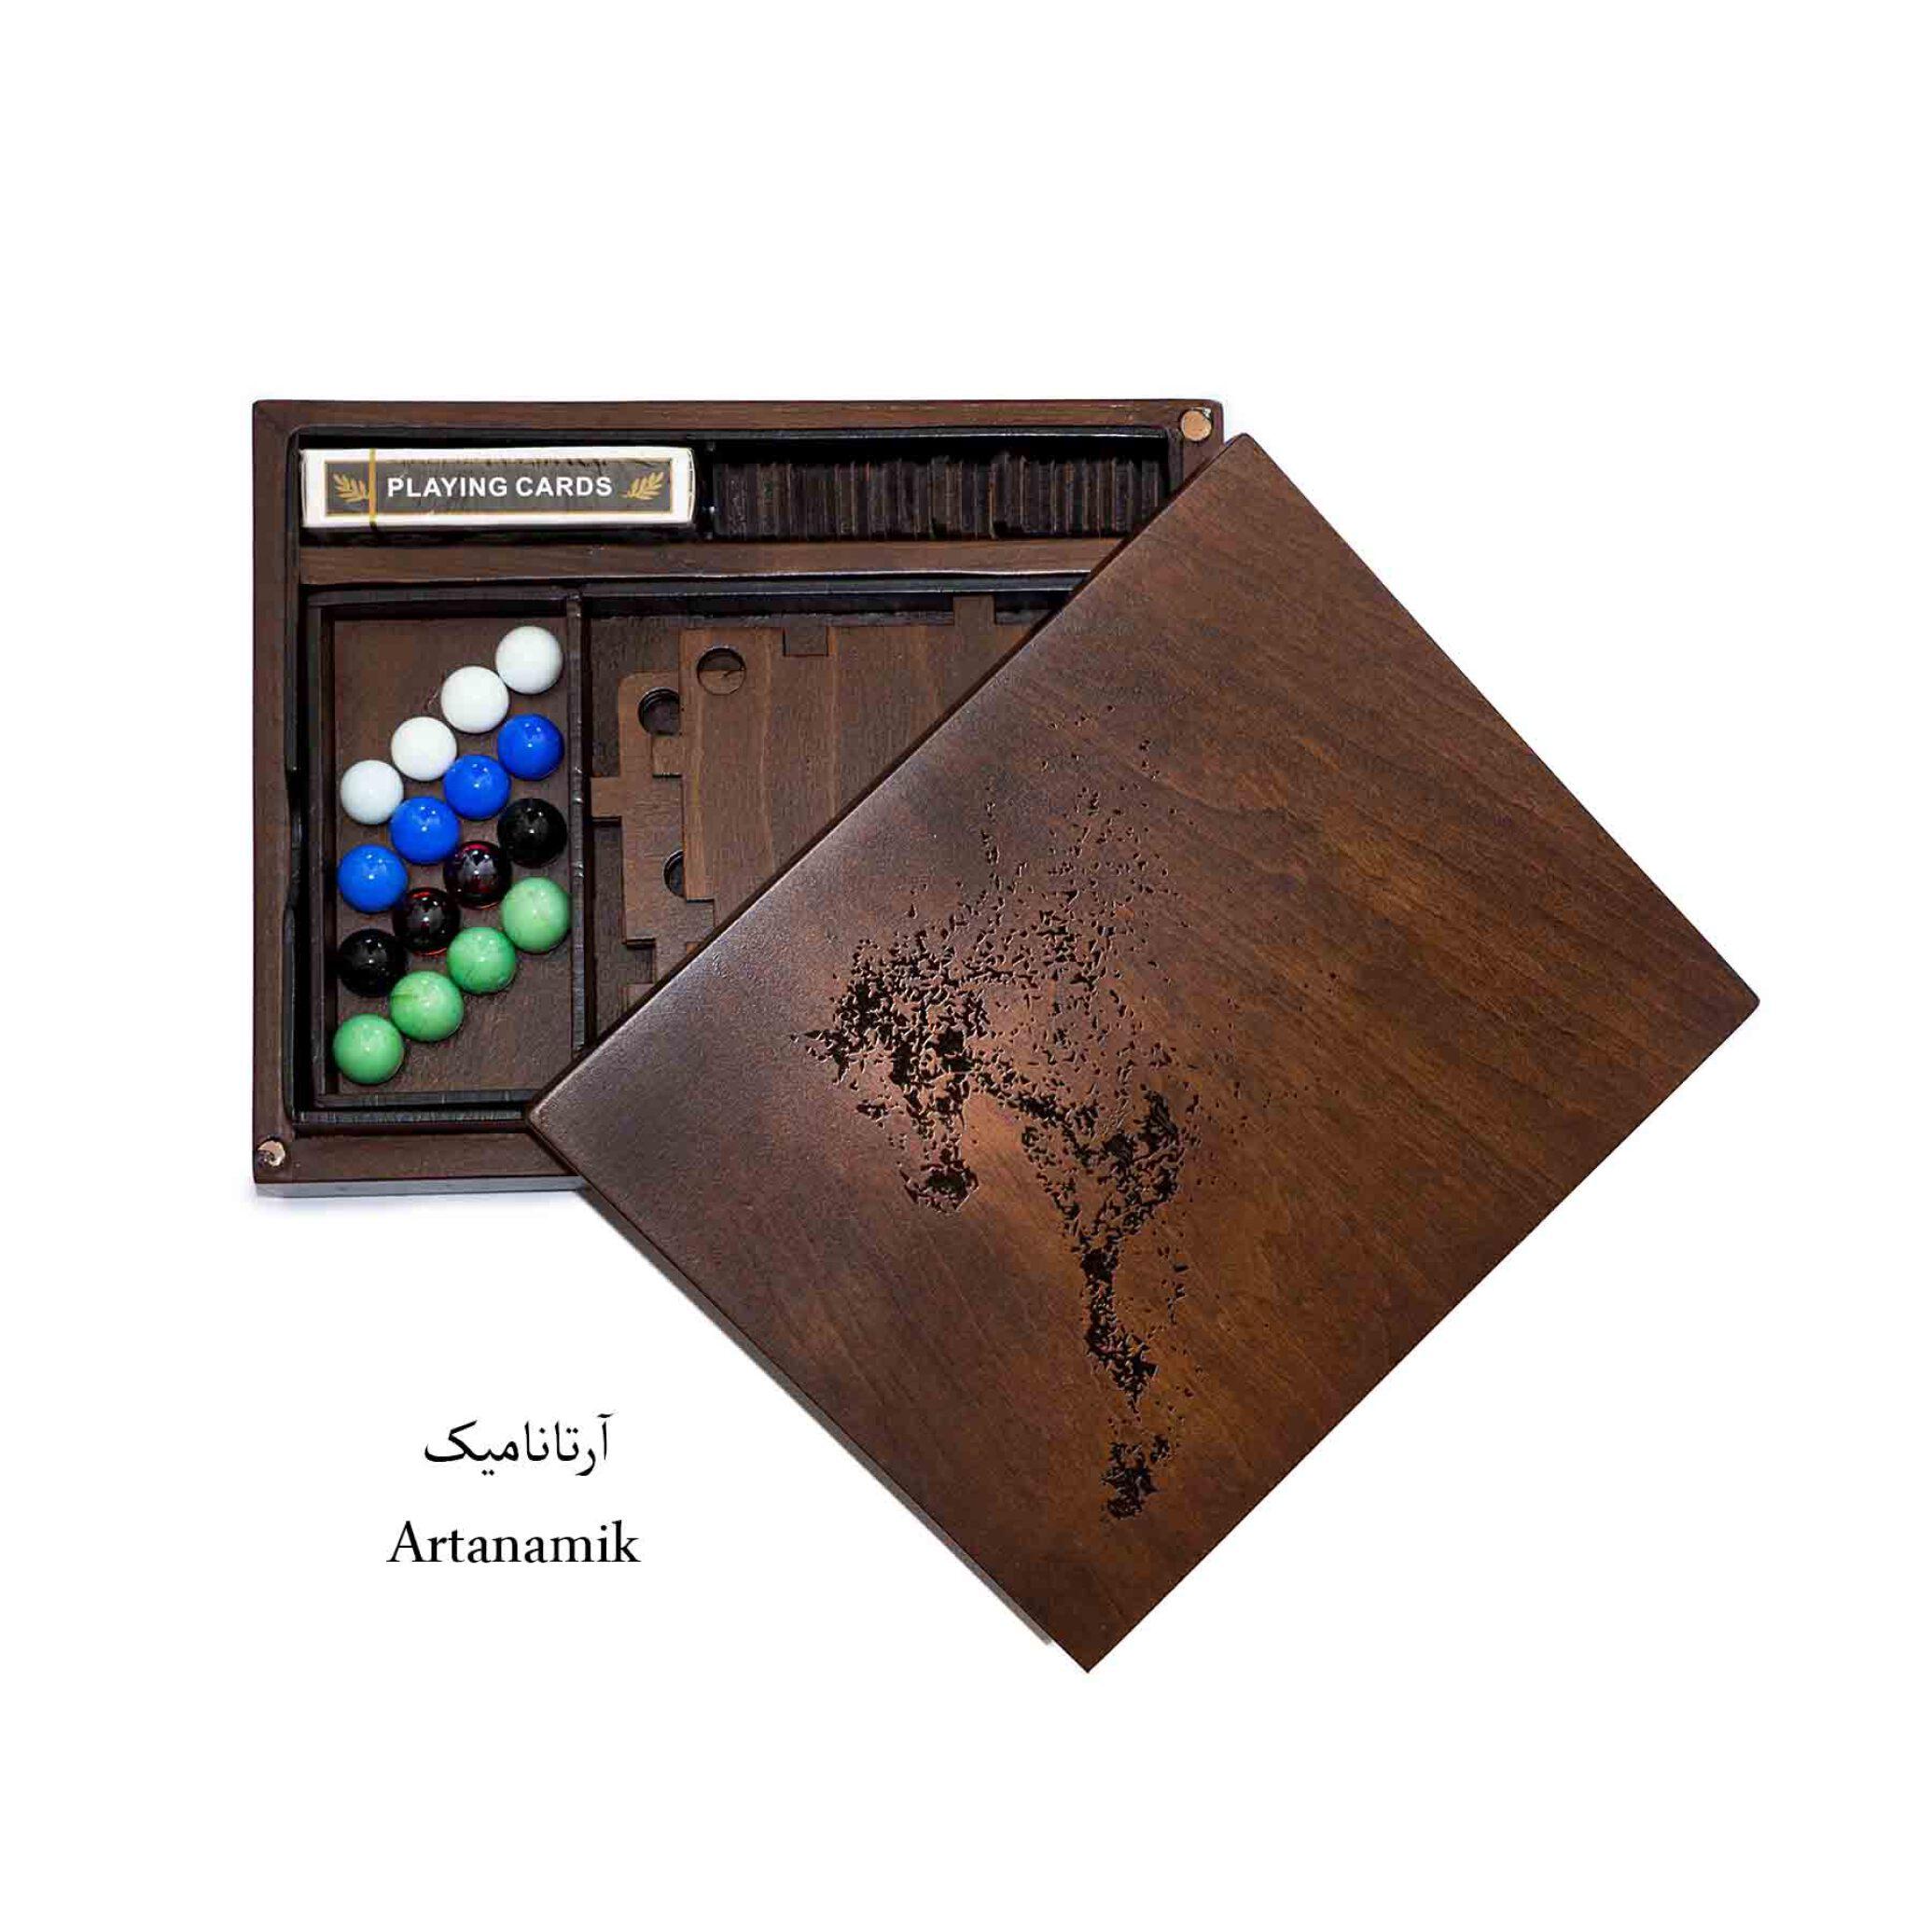 باکس شامل 4 بازی : منچ، دومینو ، کارت ، تخته نرد.